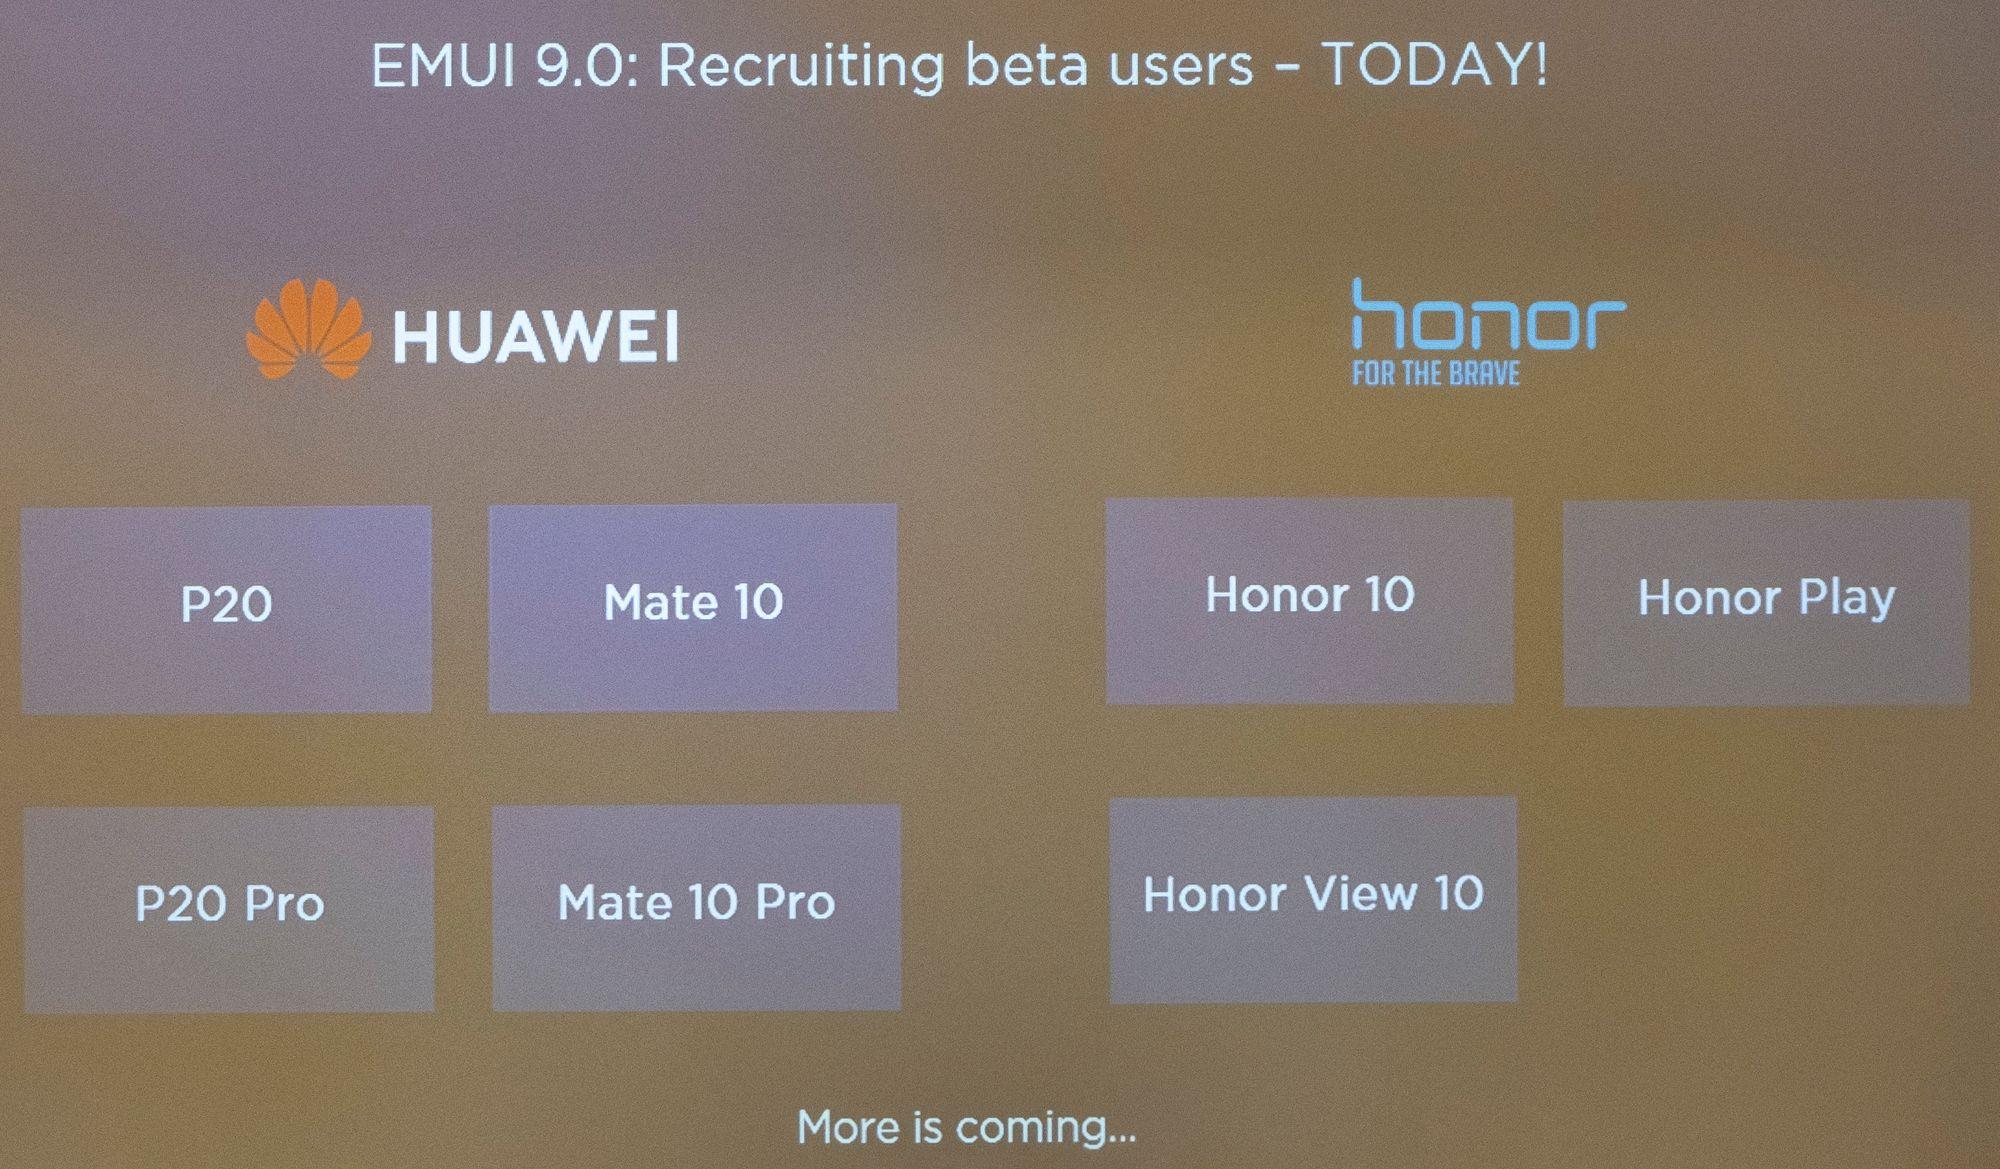 SNIKTITT: Huawei EMUI 9 Nå oppdaterer Huawei mobilene sine